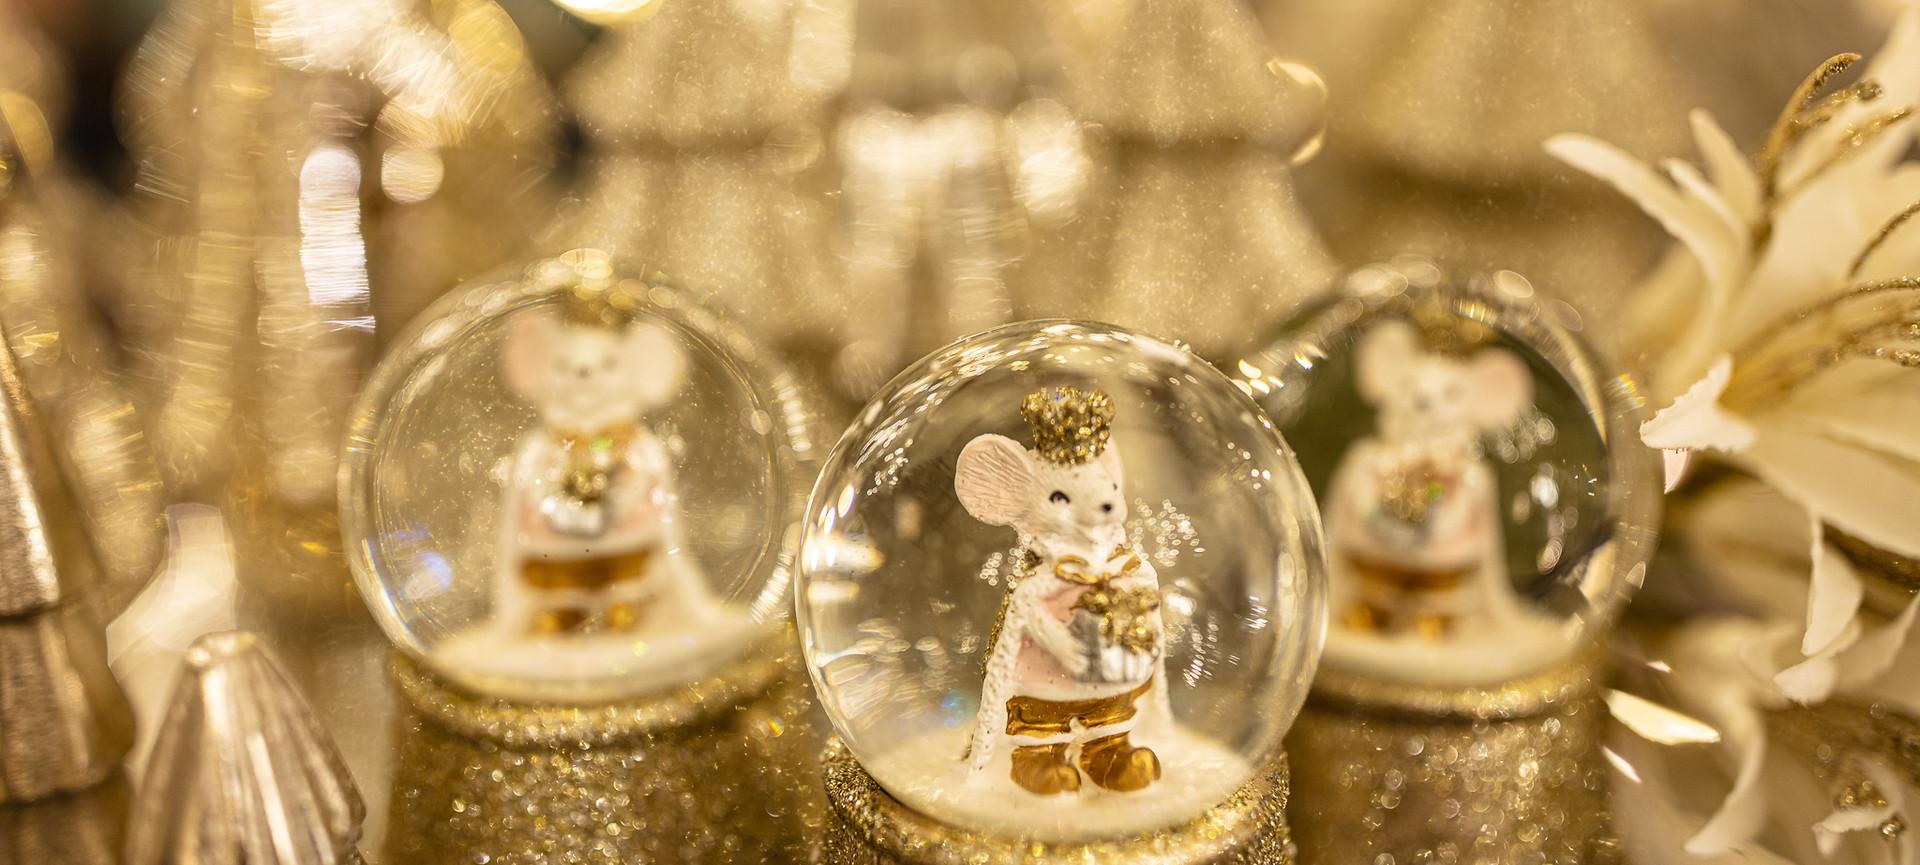 Weihnachtsdeko web res-9.jpg